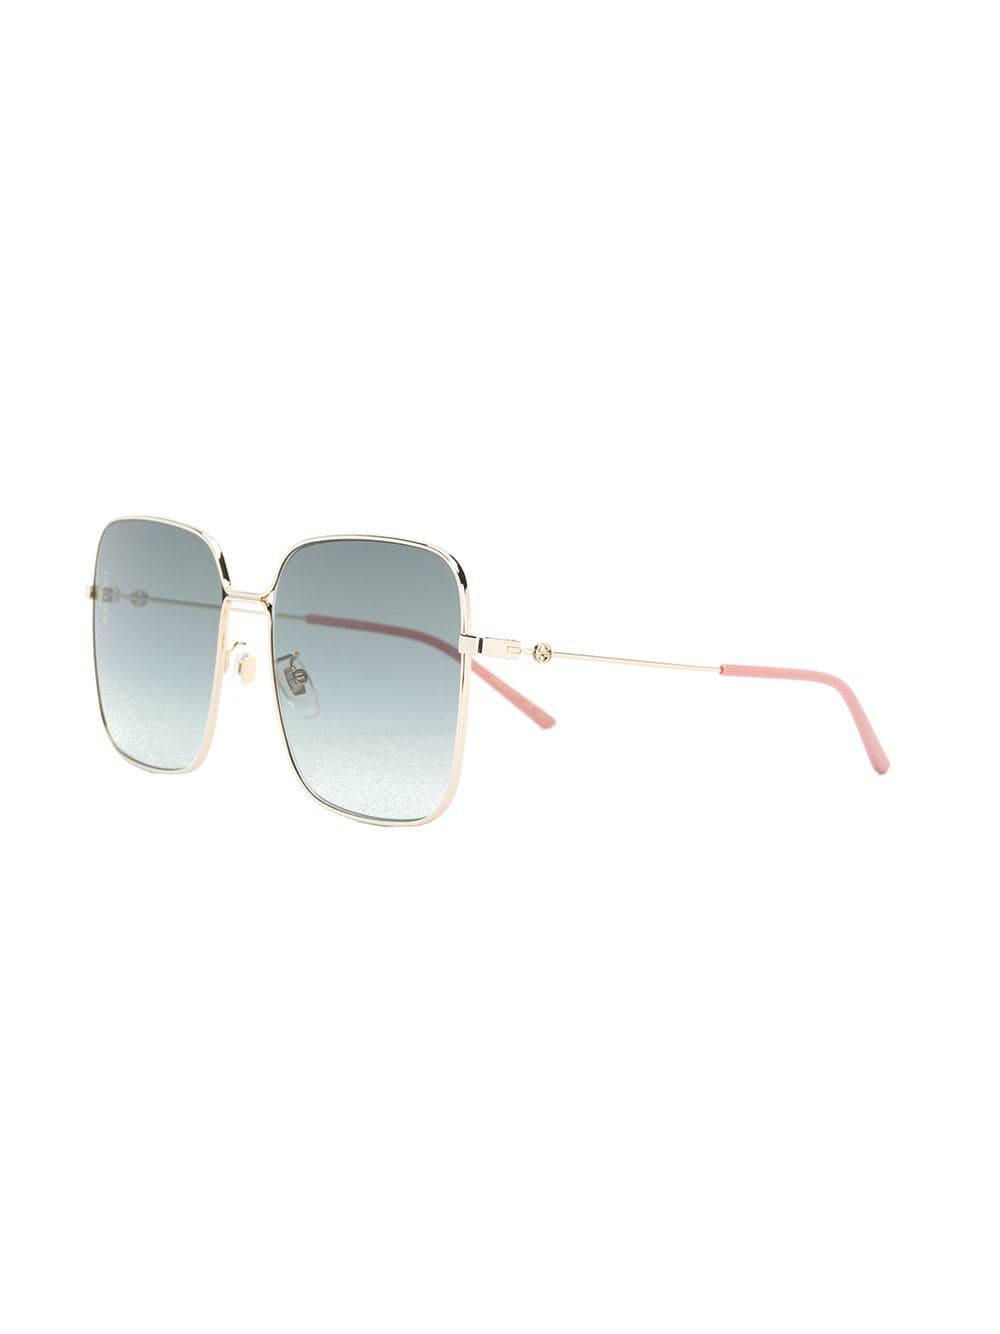 67afca1e437 Gucci - Metallic Oversized Square Sunglasses - Lyst. View fullscreen